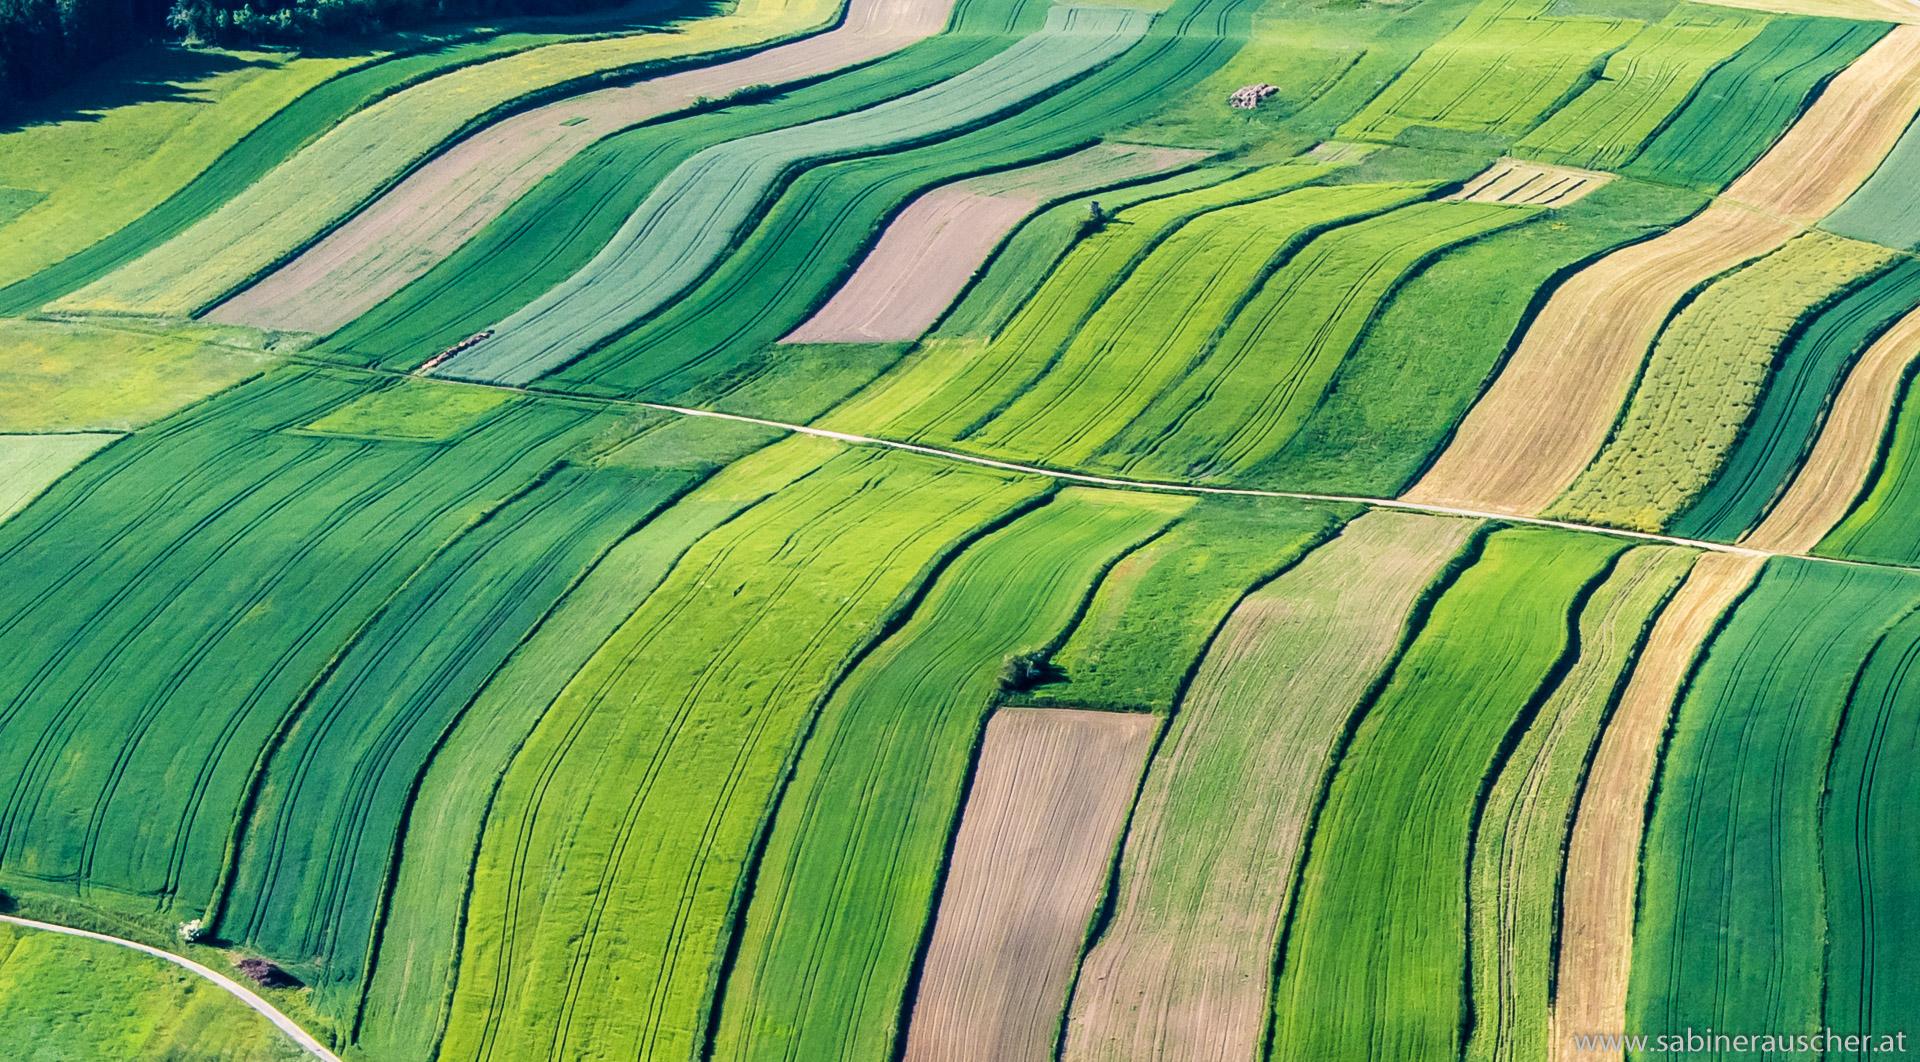 fields from above   sommerliche Felder vom Gyrocopter aus gesehen